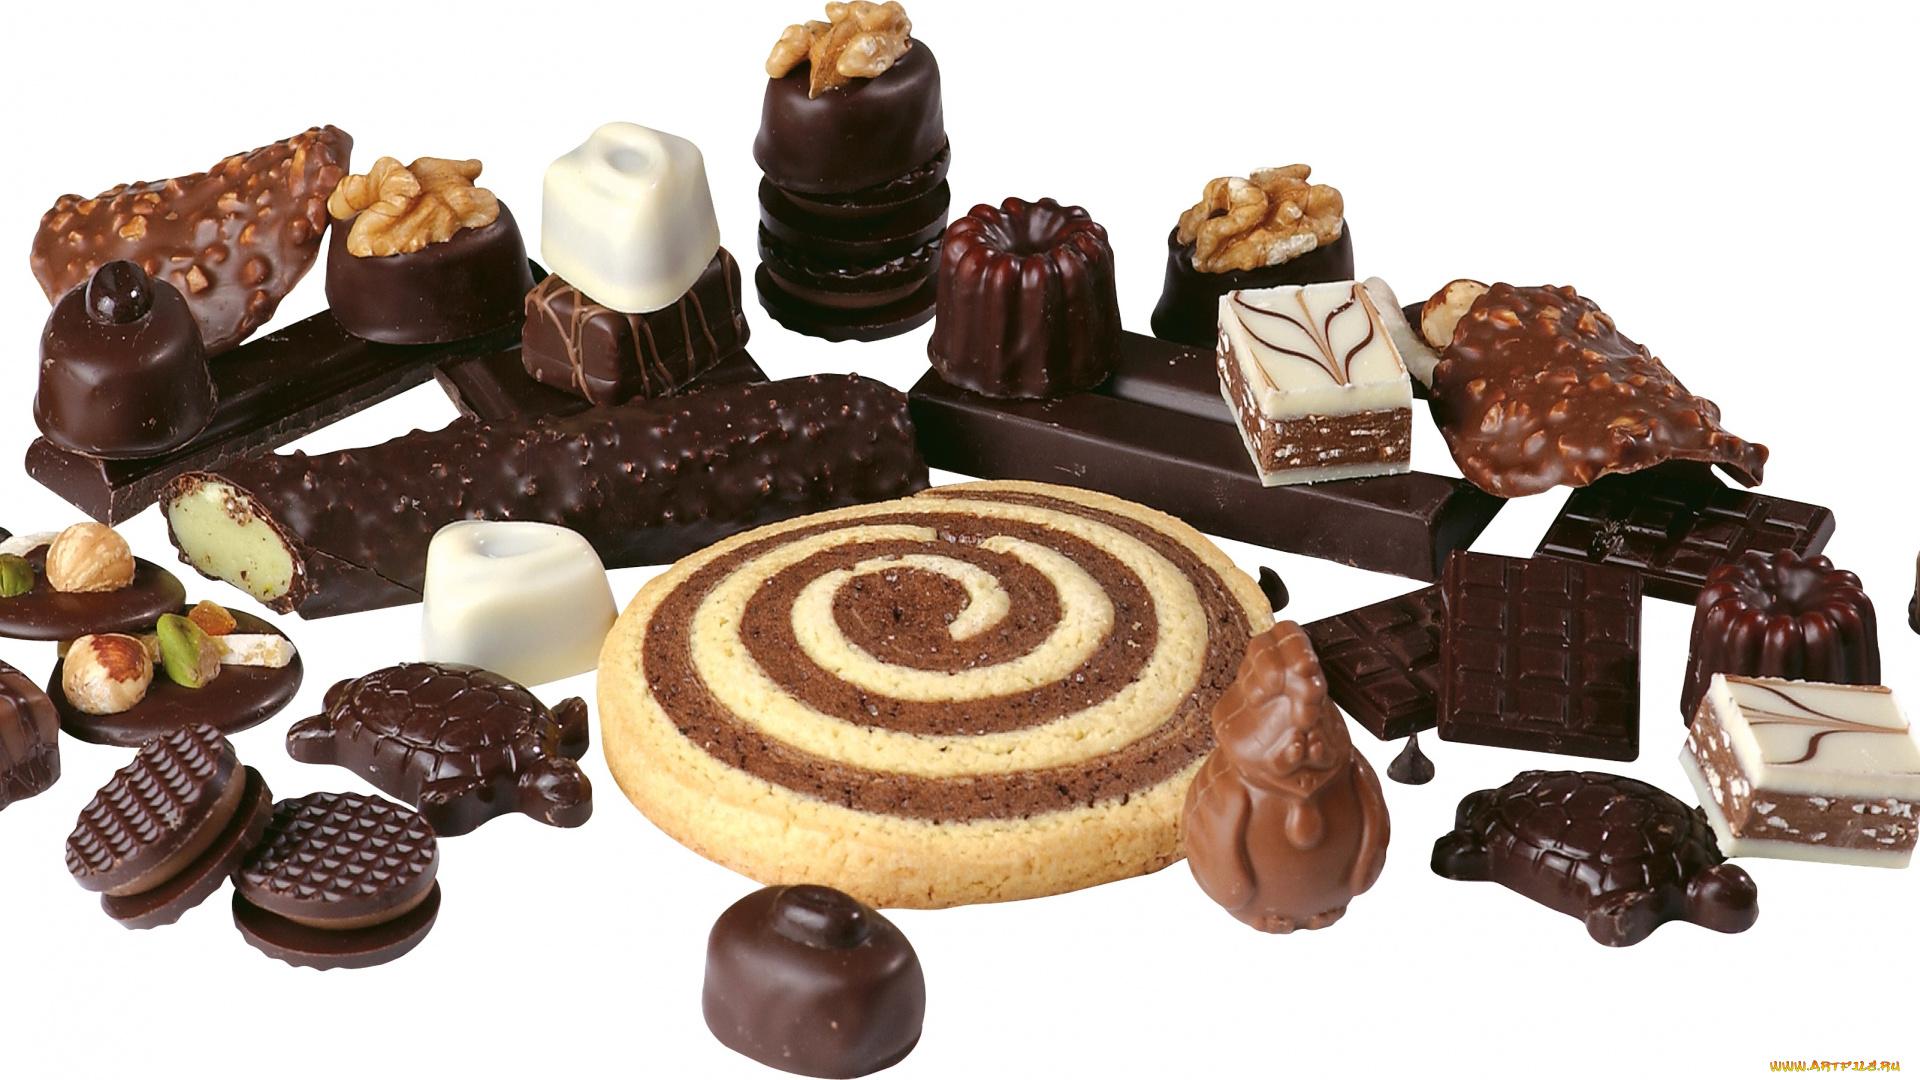 заметно это картинки торты конфеты печенье шоколад указанные производителем наушников